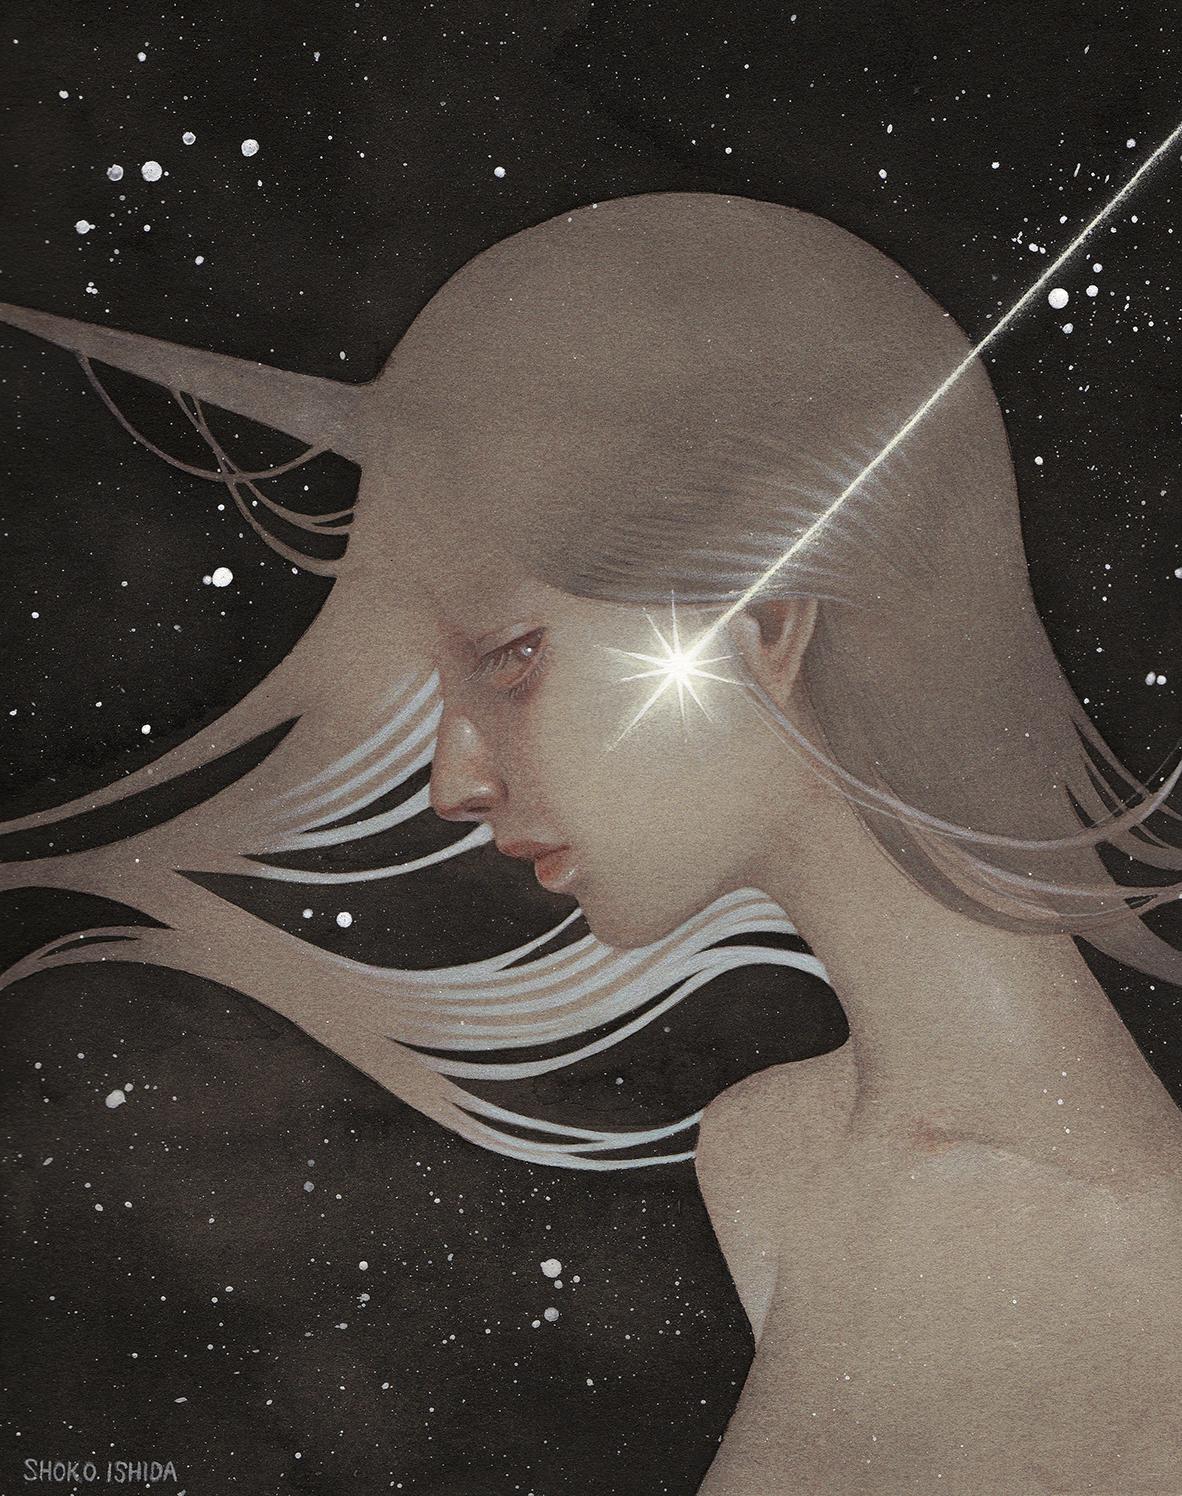 Shizuku - a wish upon a teardrop